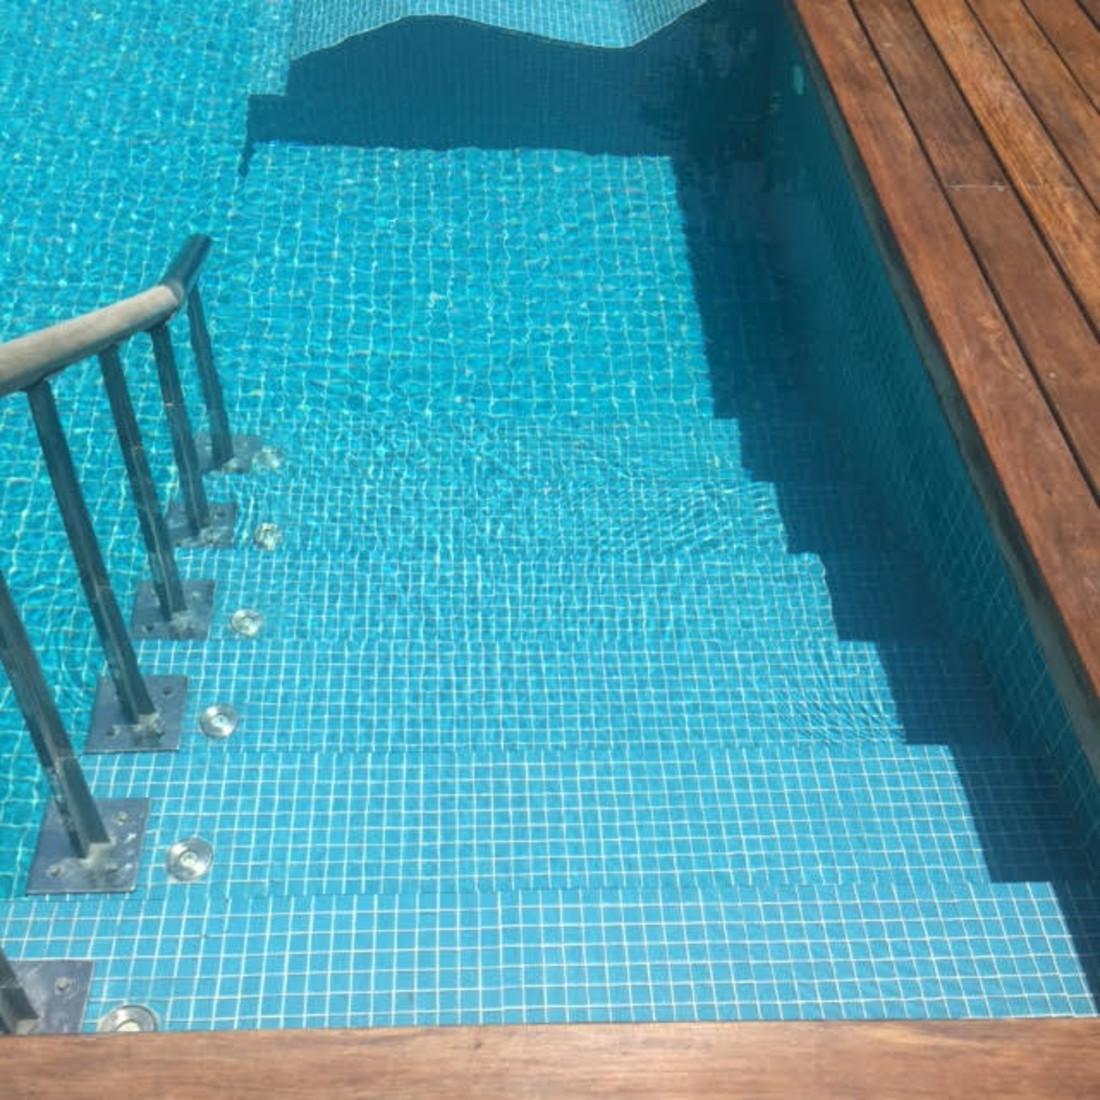 Hablis Hotel Chennai Chennai Pool-with-steps Hablis Hotel Chennai